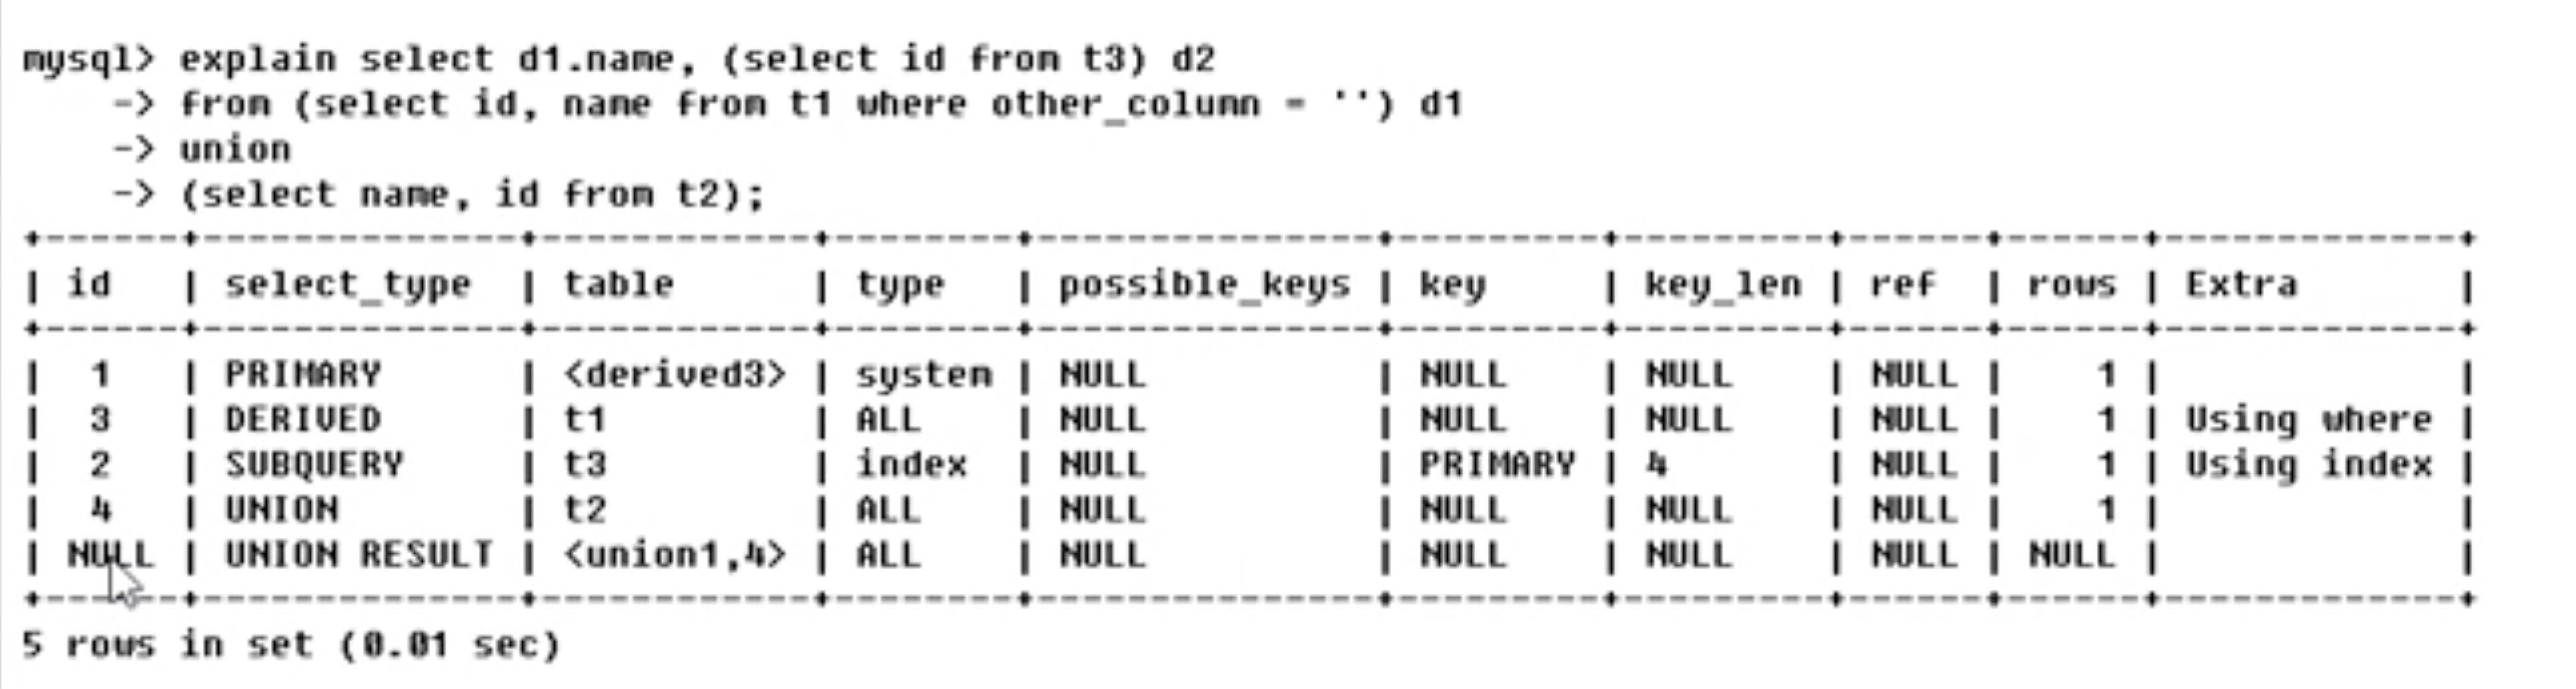 index-optimization-12